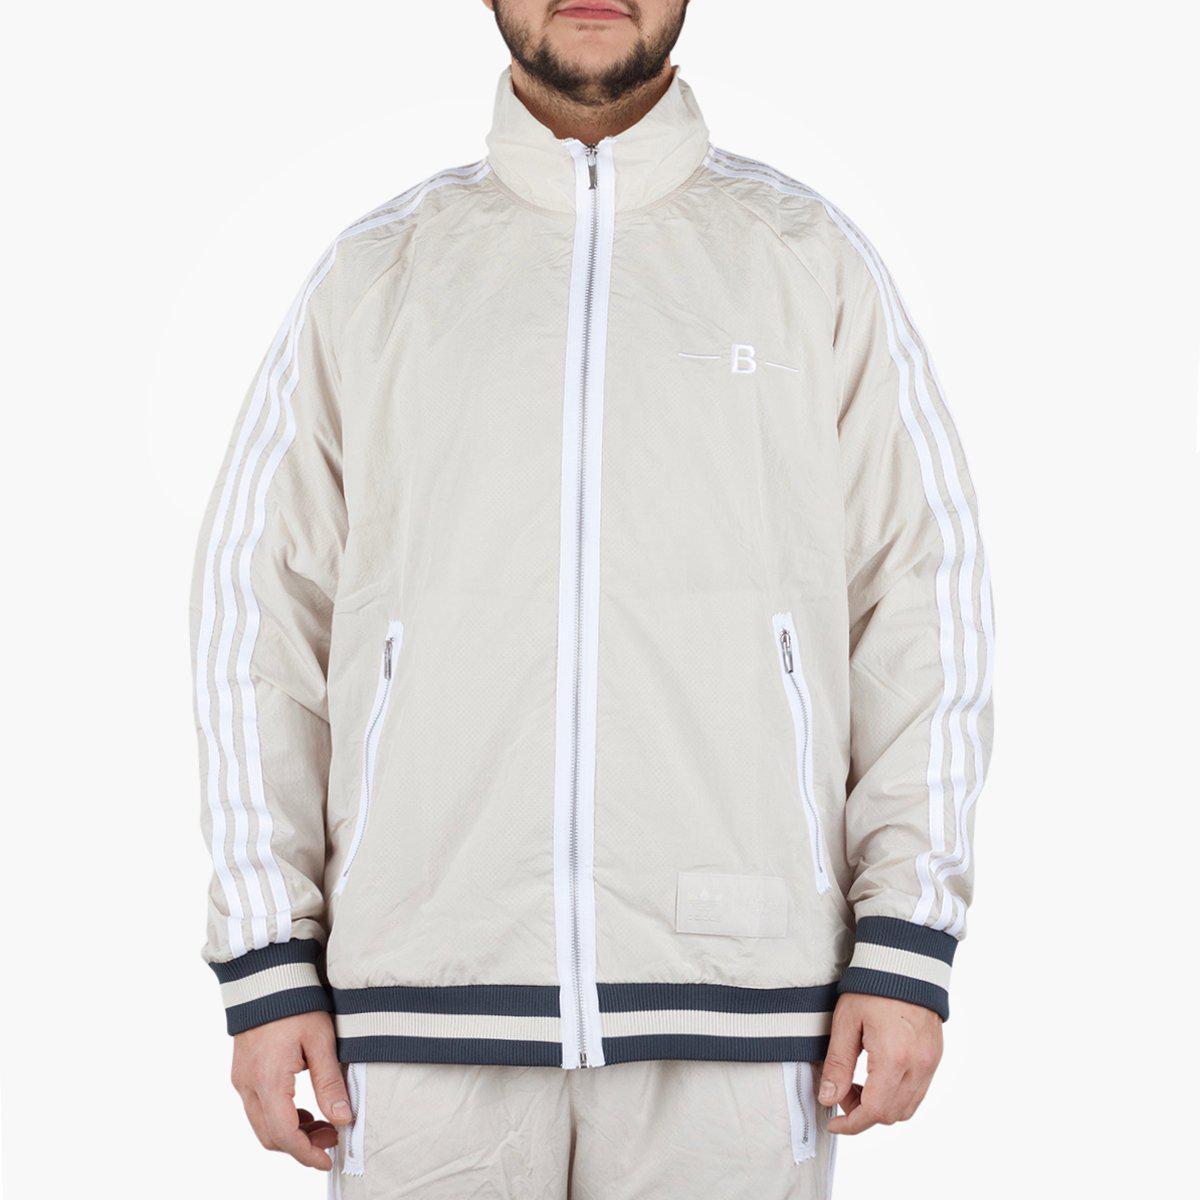 19cc06c0f818a7 Lyst - adidas Originals Adidas Originals X Bristol Warm Up Track Top ...